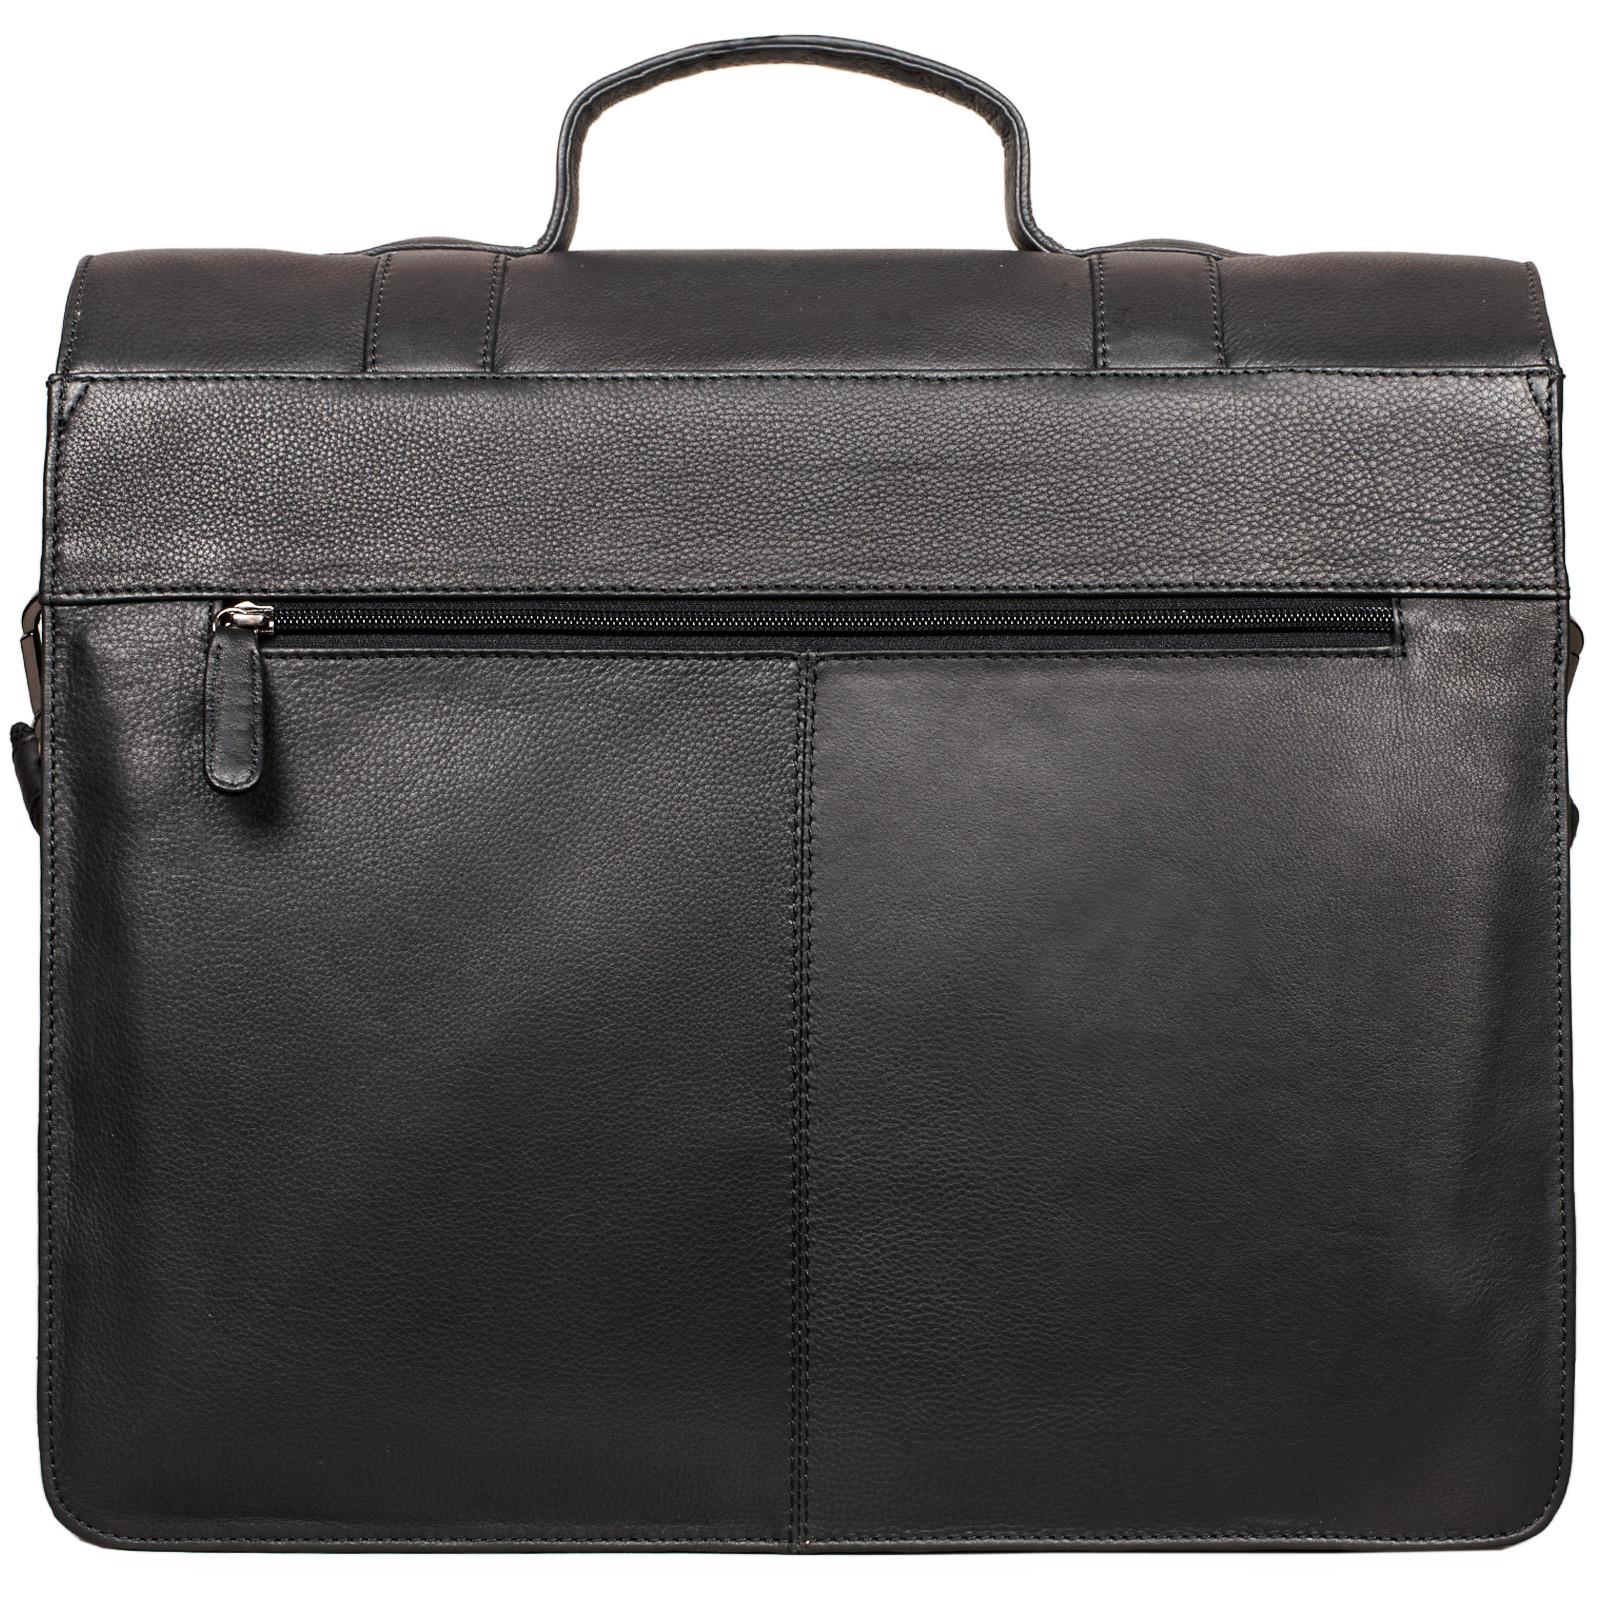 """STILORD """"Marius"""" Klassische Lehrertasche Leder Schultasche XL groß Aktentasche zum Umhängen Businesstasche Laptoptasche echtes Rindsleder  - Bild 19"""